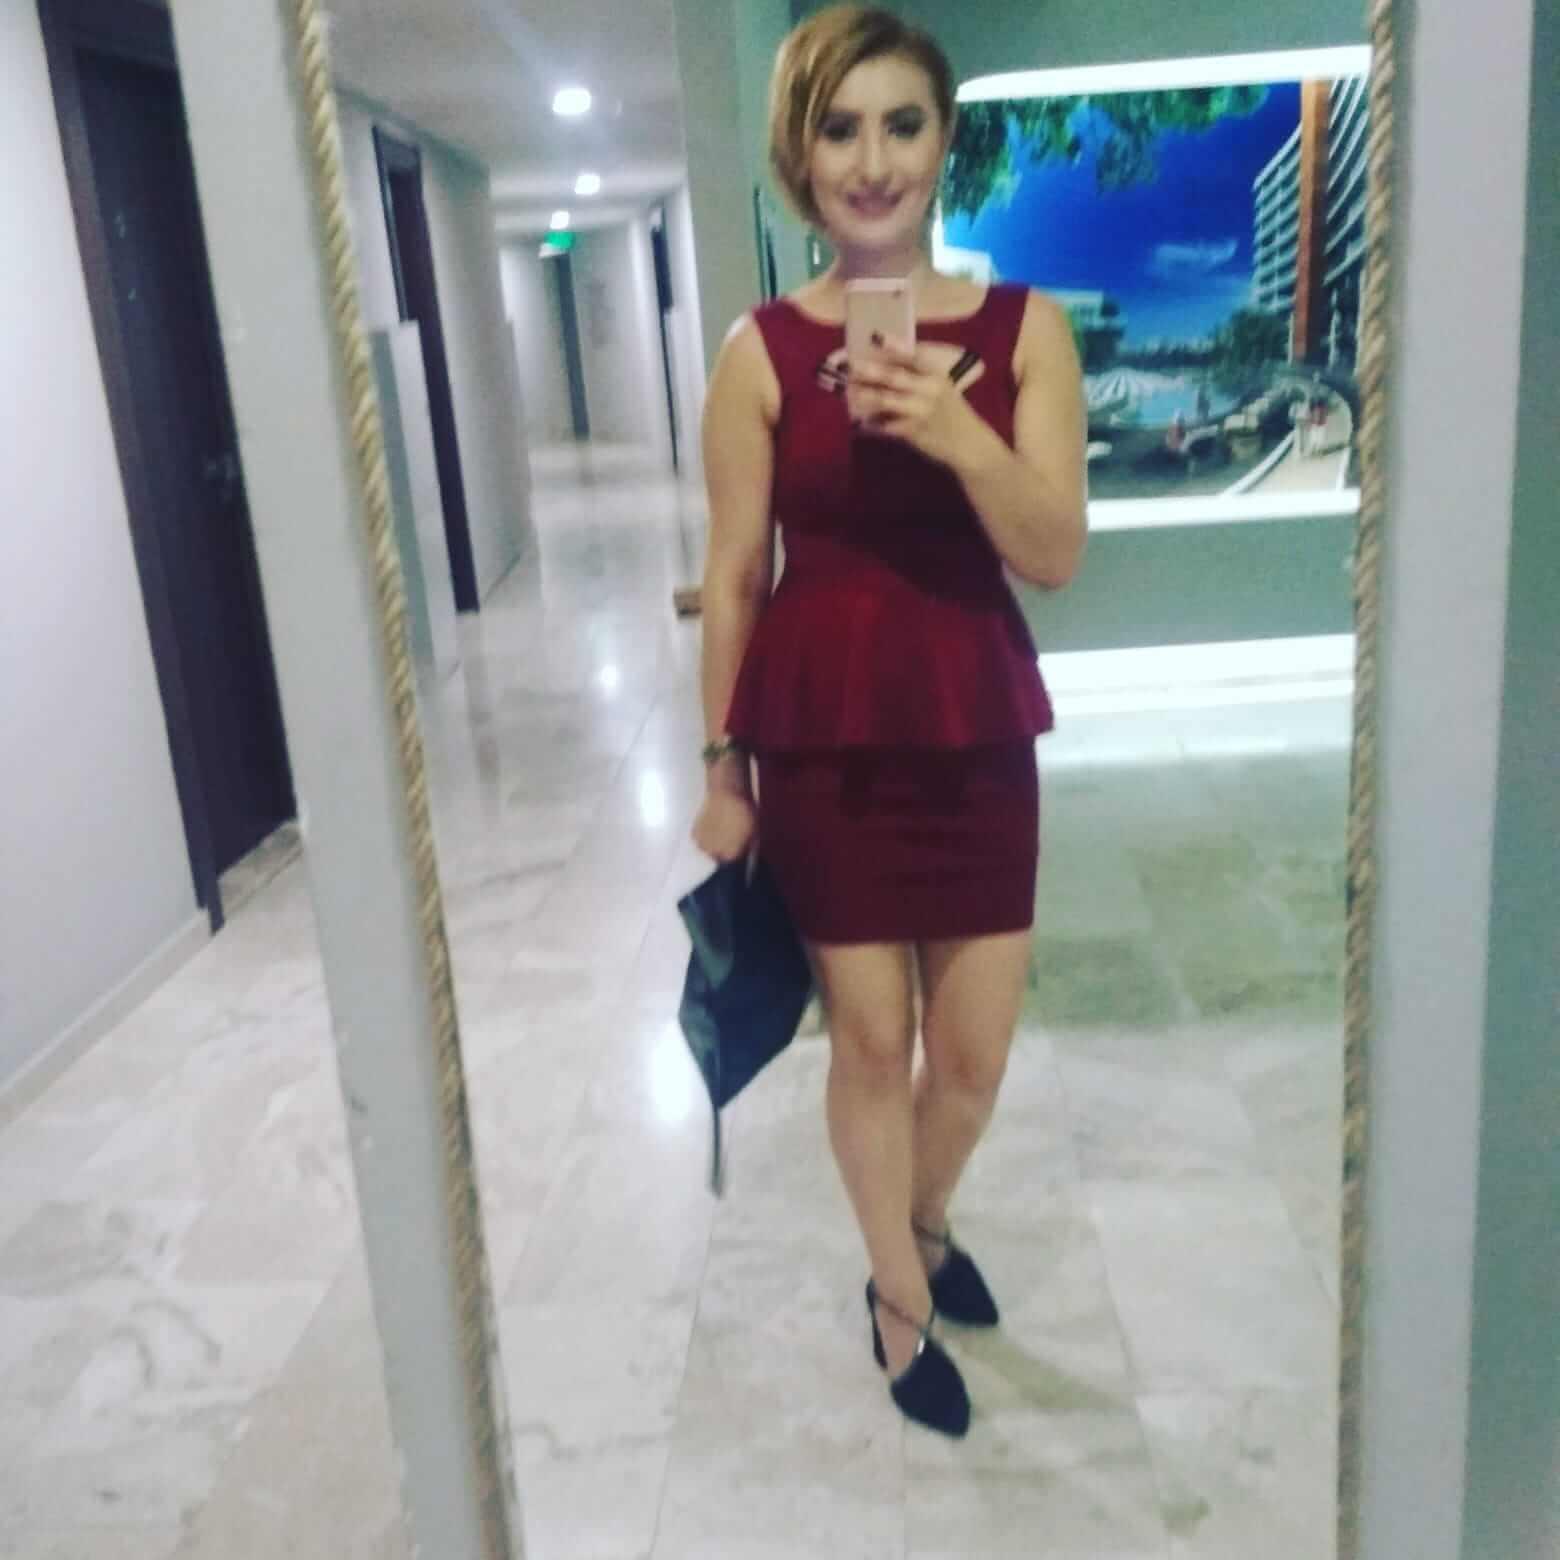 Anadolu Yakası Escort Bayan Yağmur - Image 3